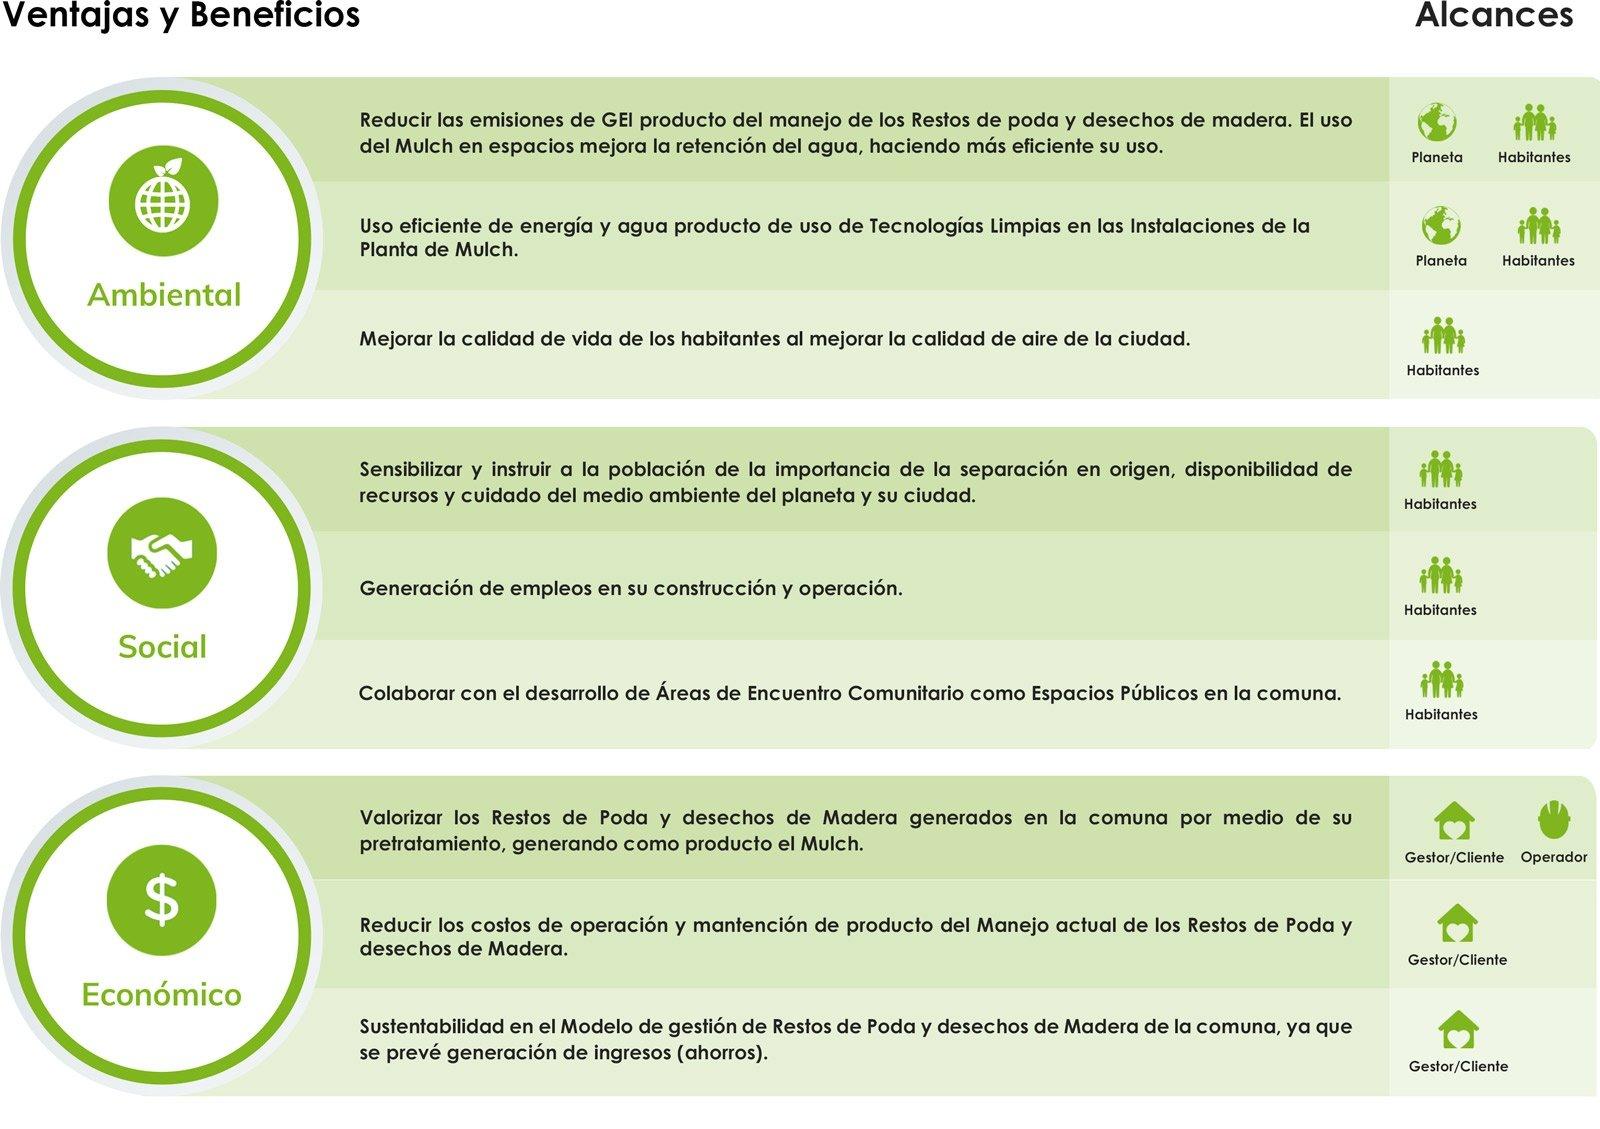 Beneficios y Ventajas del Mulch - EAX EcoAlliance